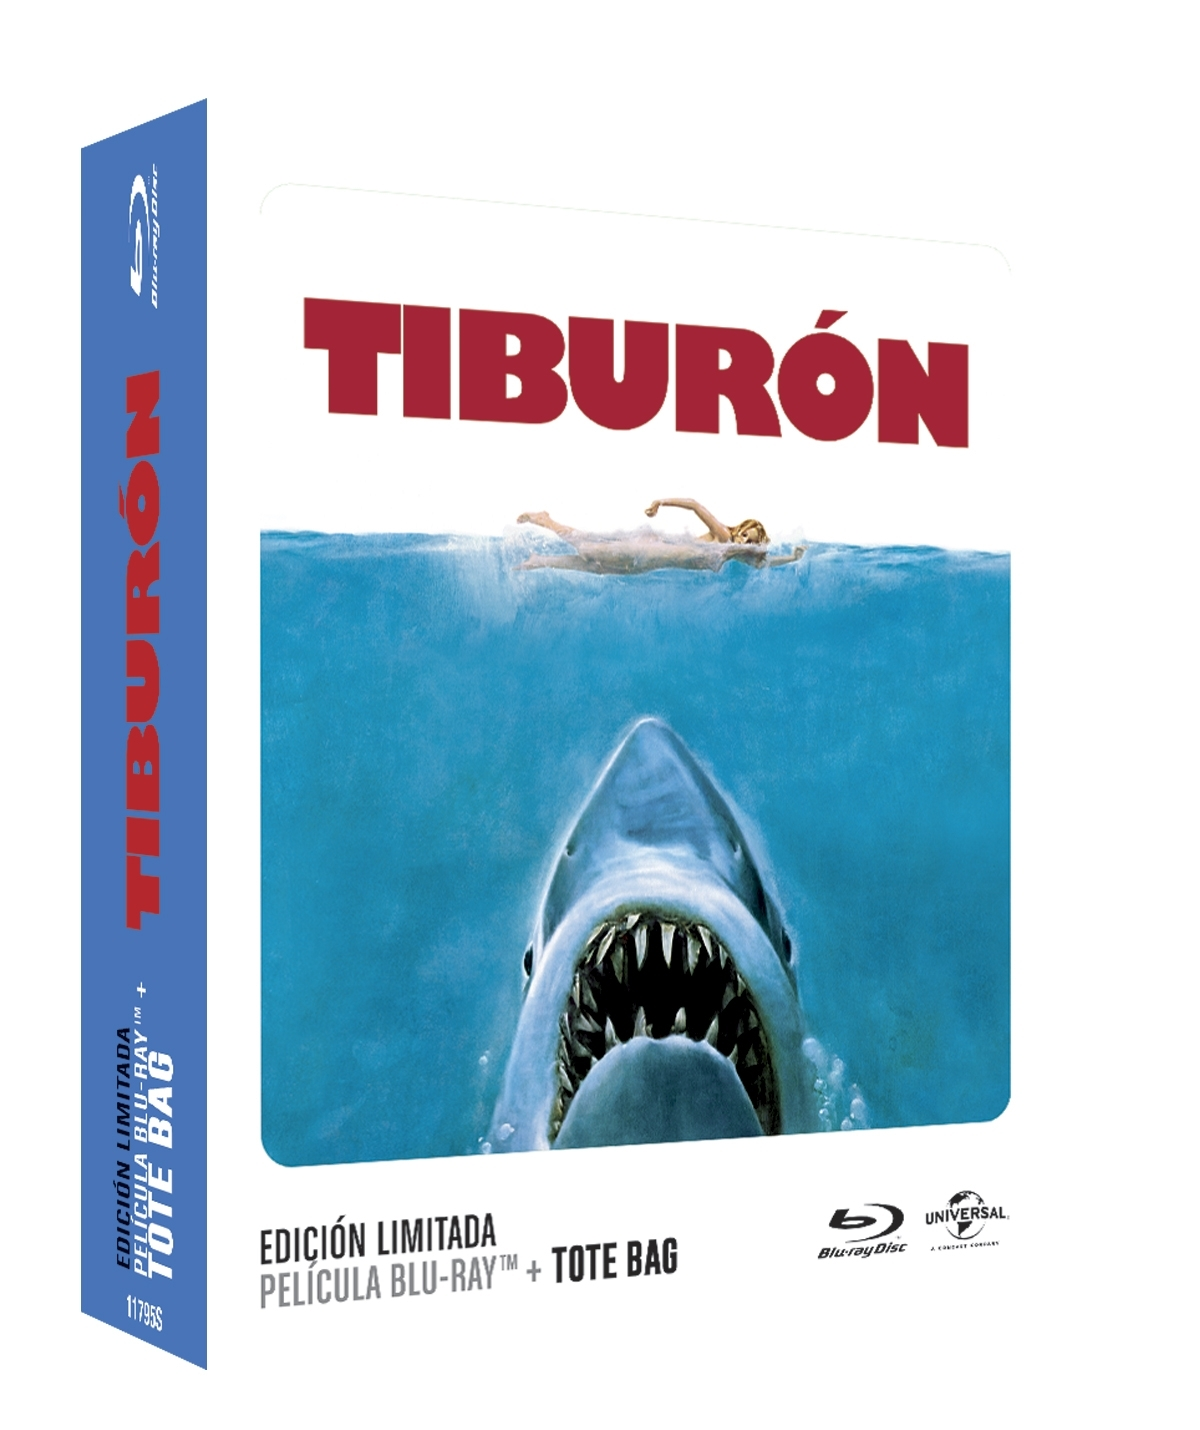 Diez ediciones muy especiales de Sony y Universal [Blu-ray + Bolsa Personalizada] • En tu pantalla